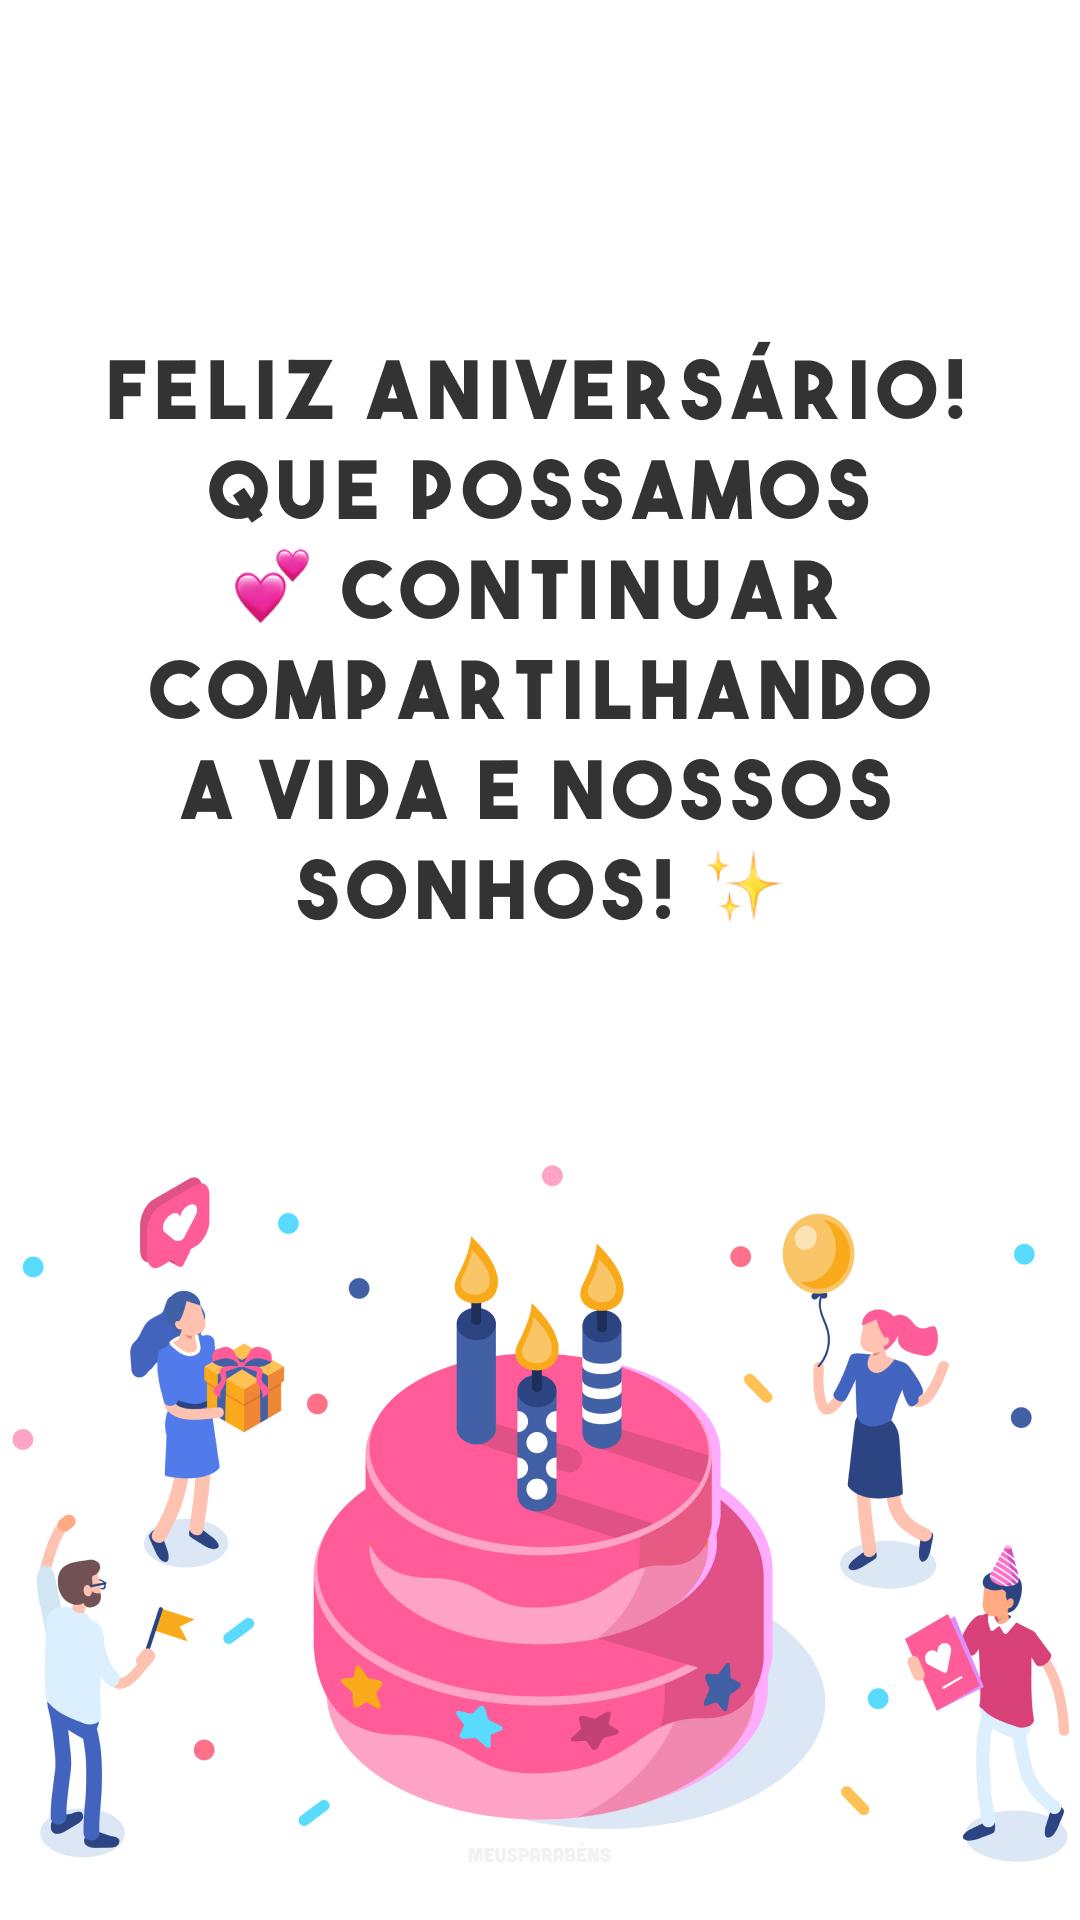 Feliz aniversário! Que possamos 💕 continuar compartilhando a vida e nossos sonhos! ✨